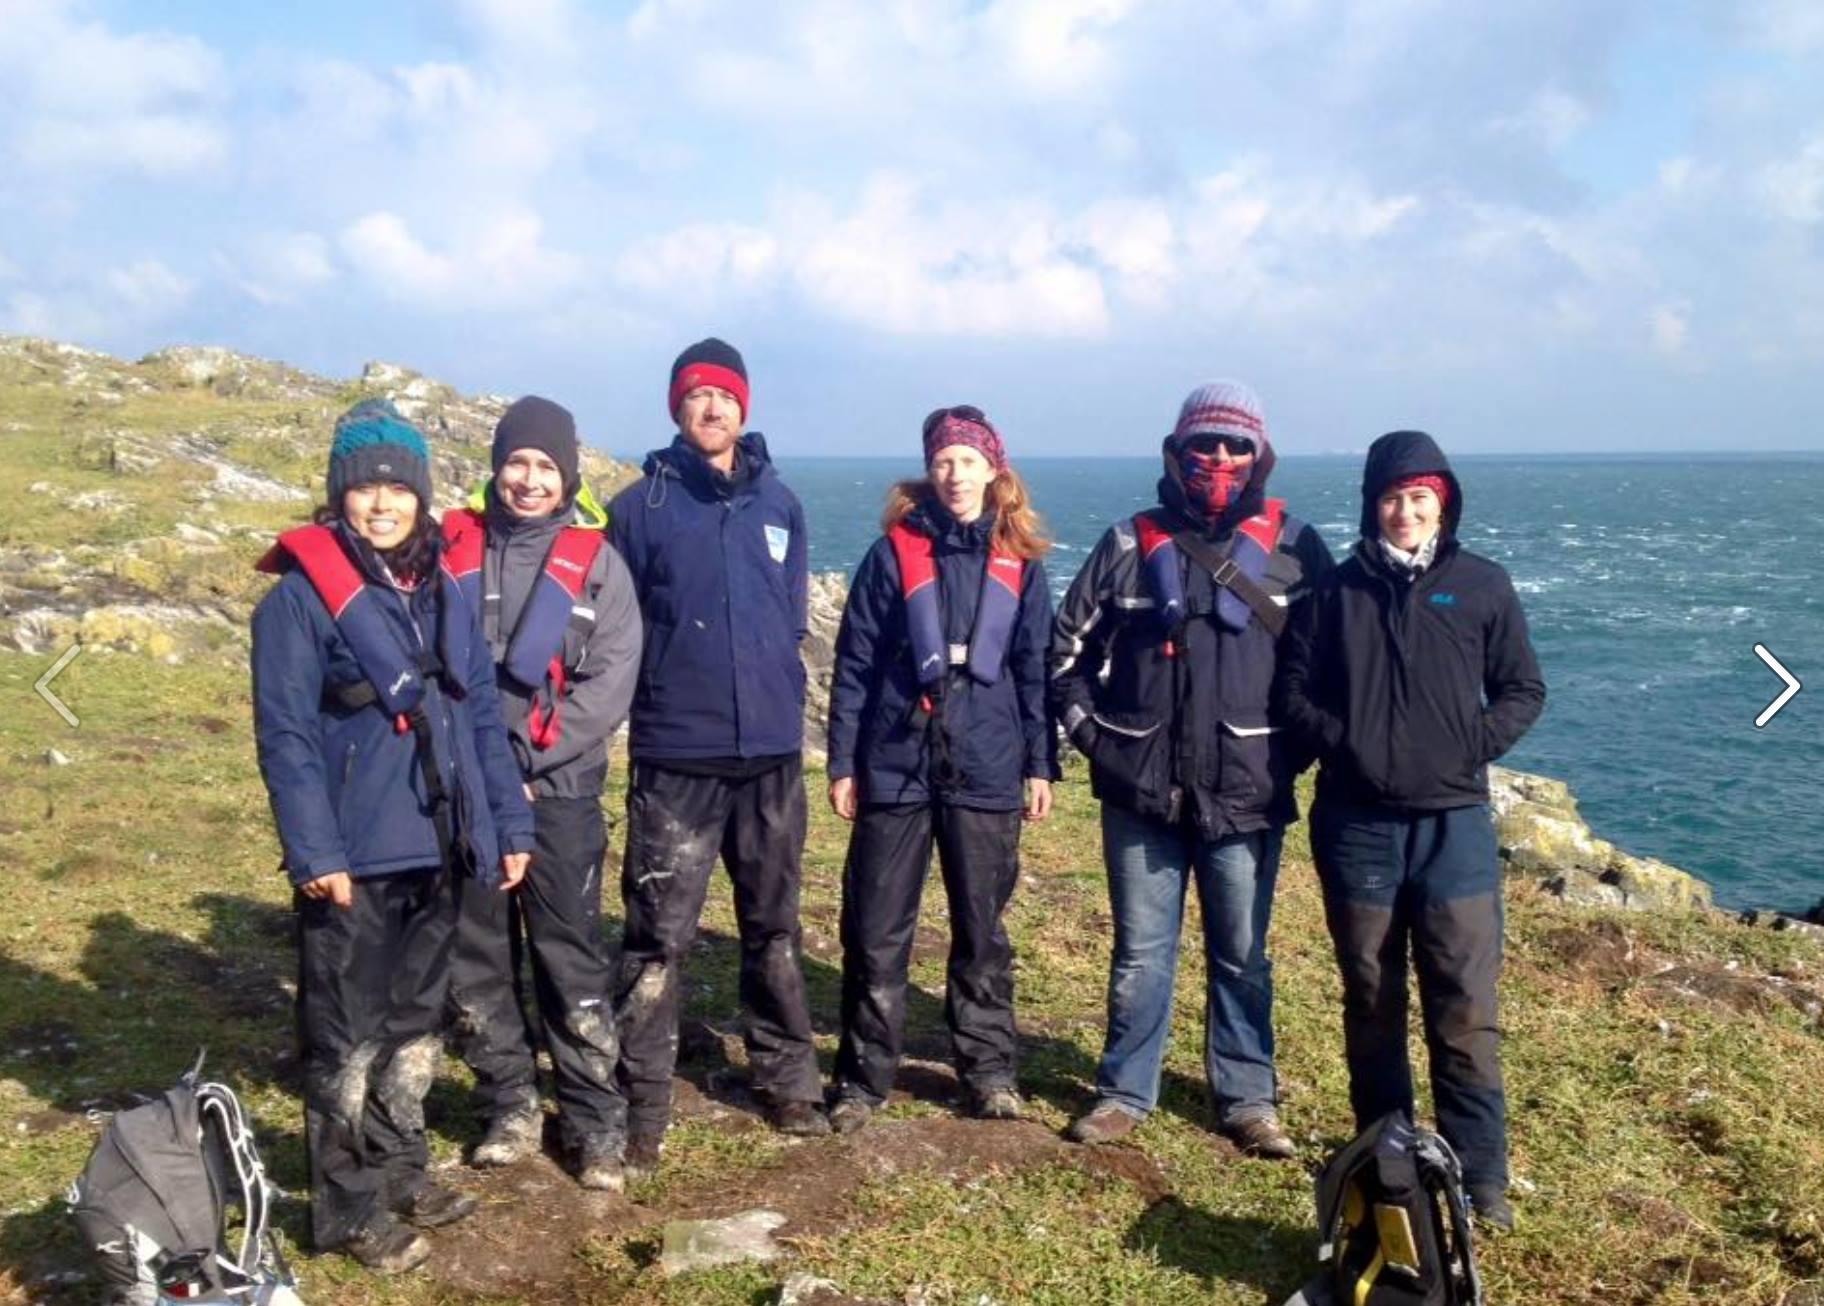 2016 gannet untangling team